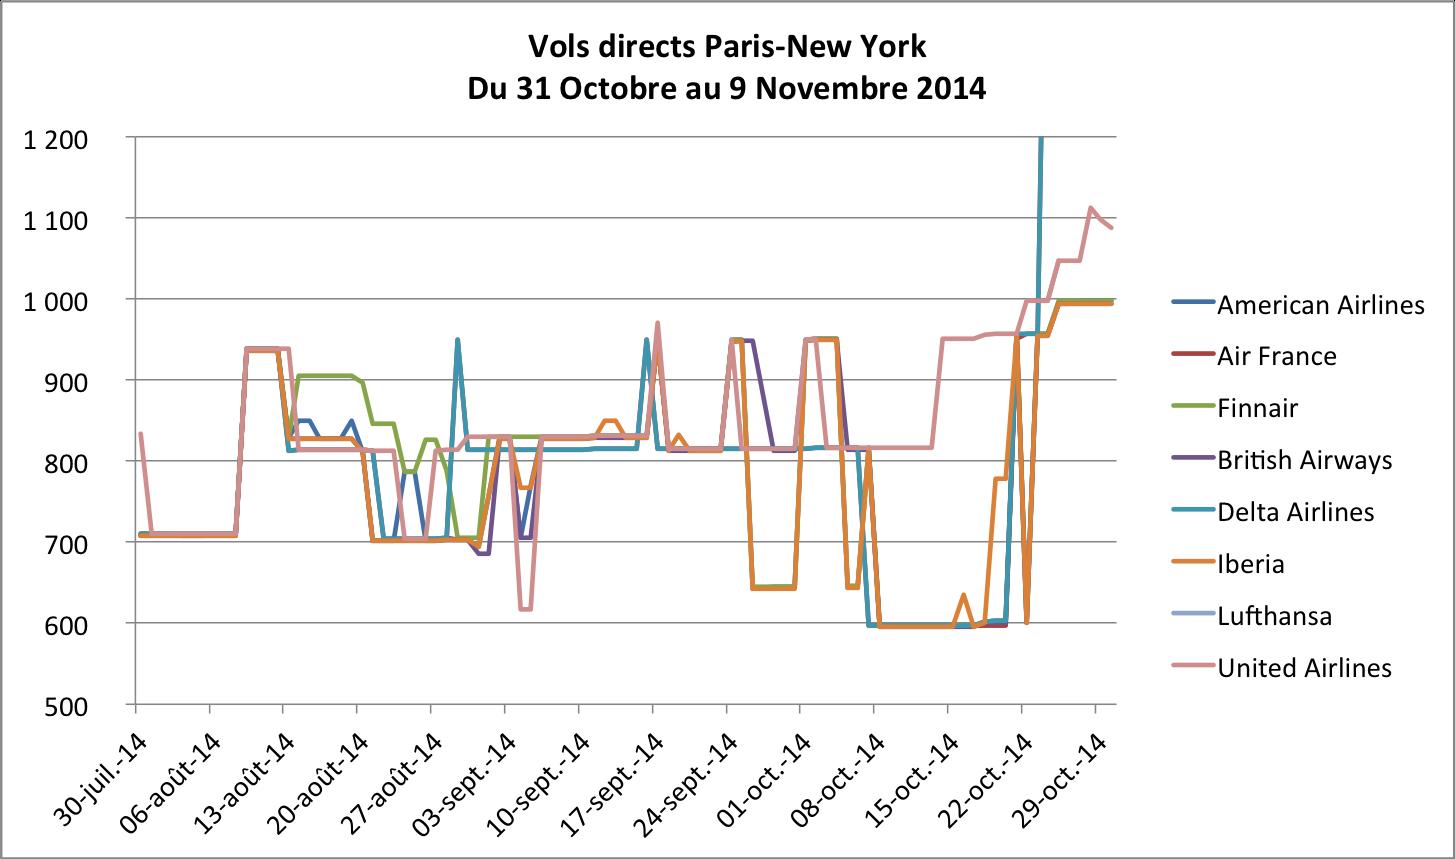 Vols directs Paris-New York du 31 Octobre au 9 Novembre 2014